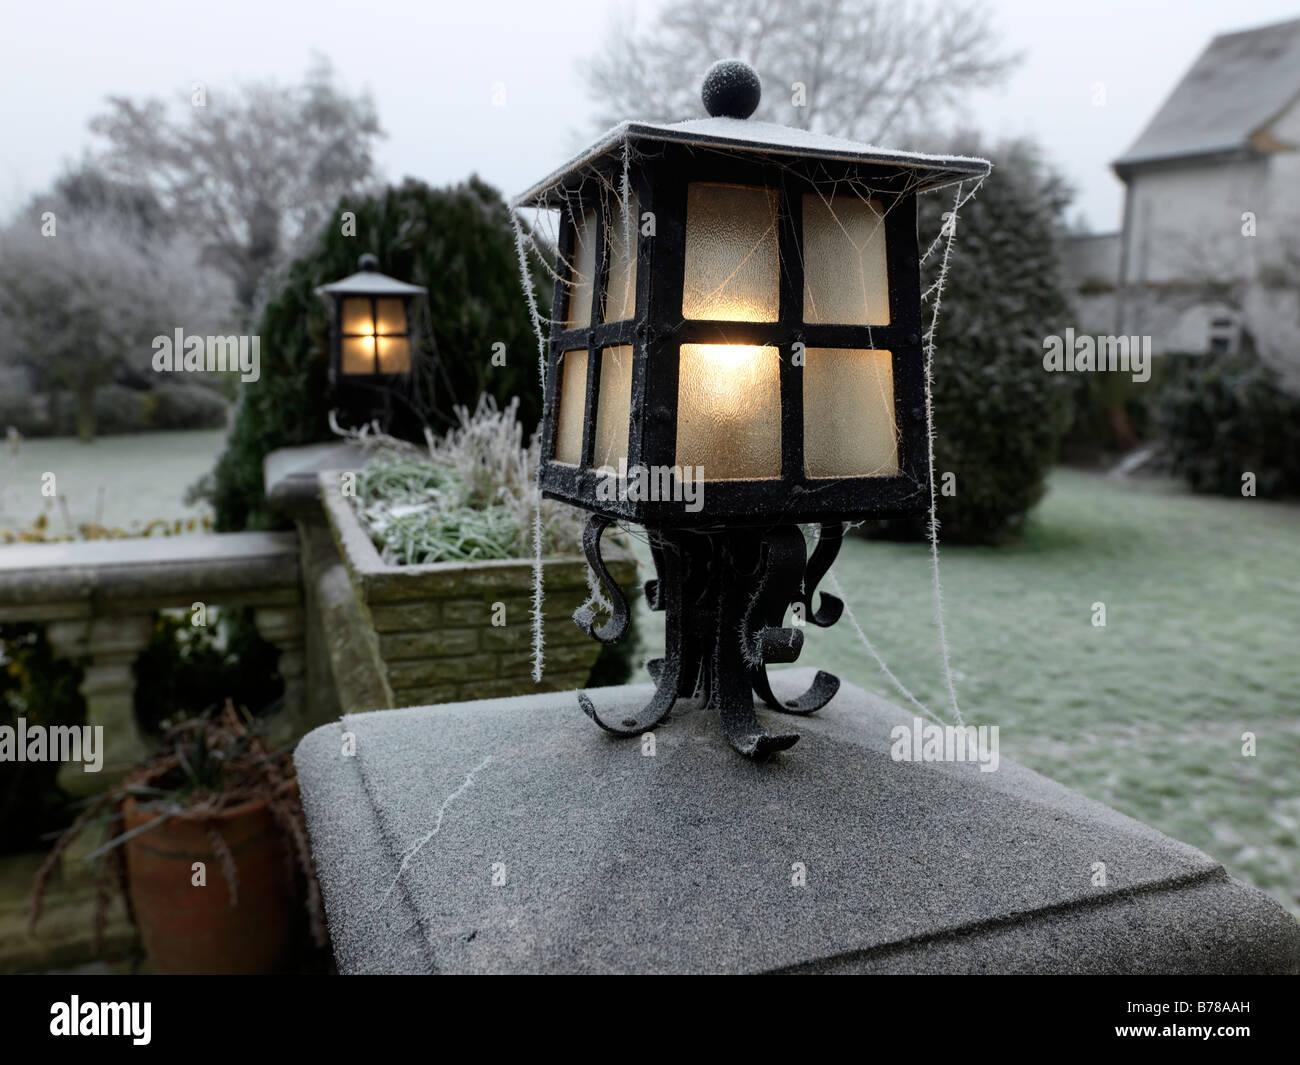 Hoar Frost on Garden Lights - Stock Image